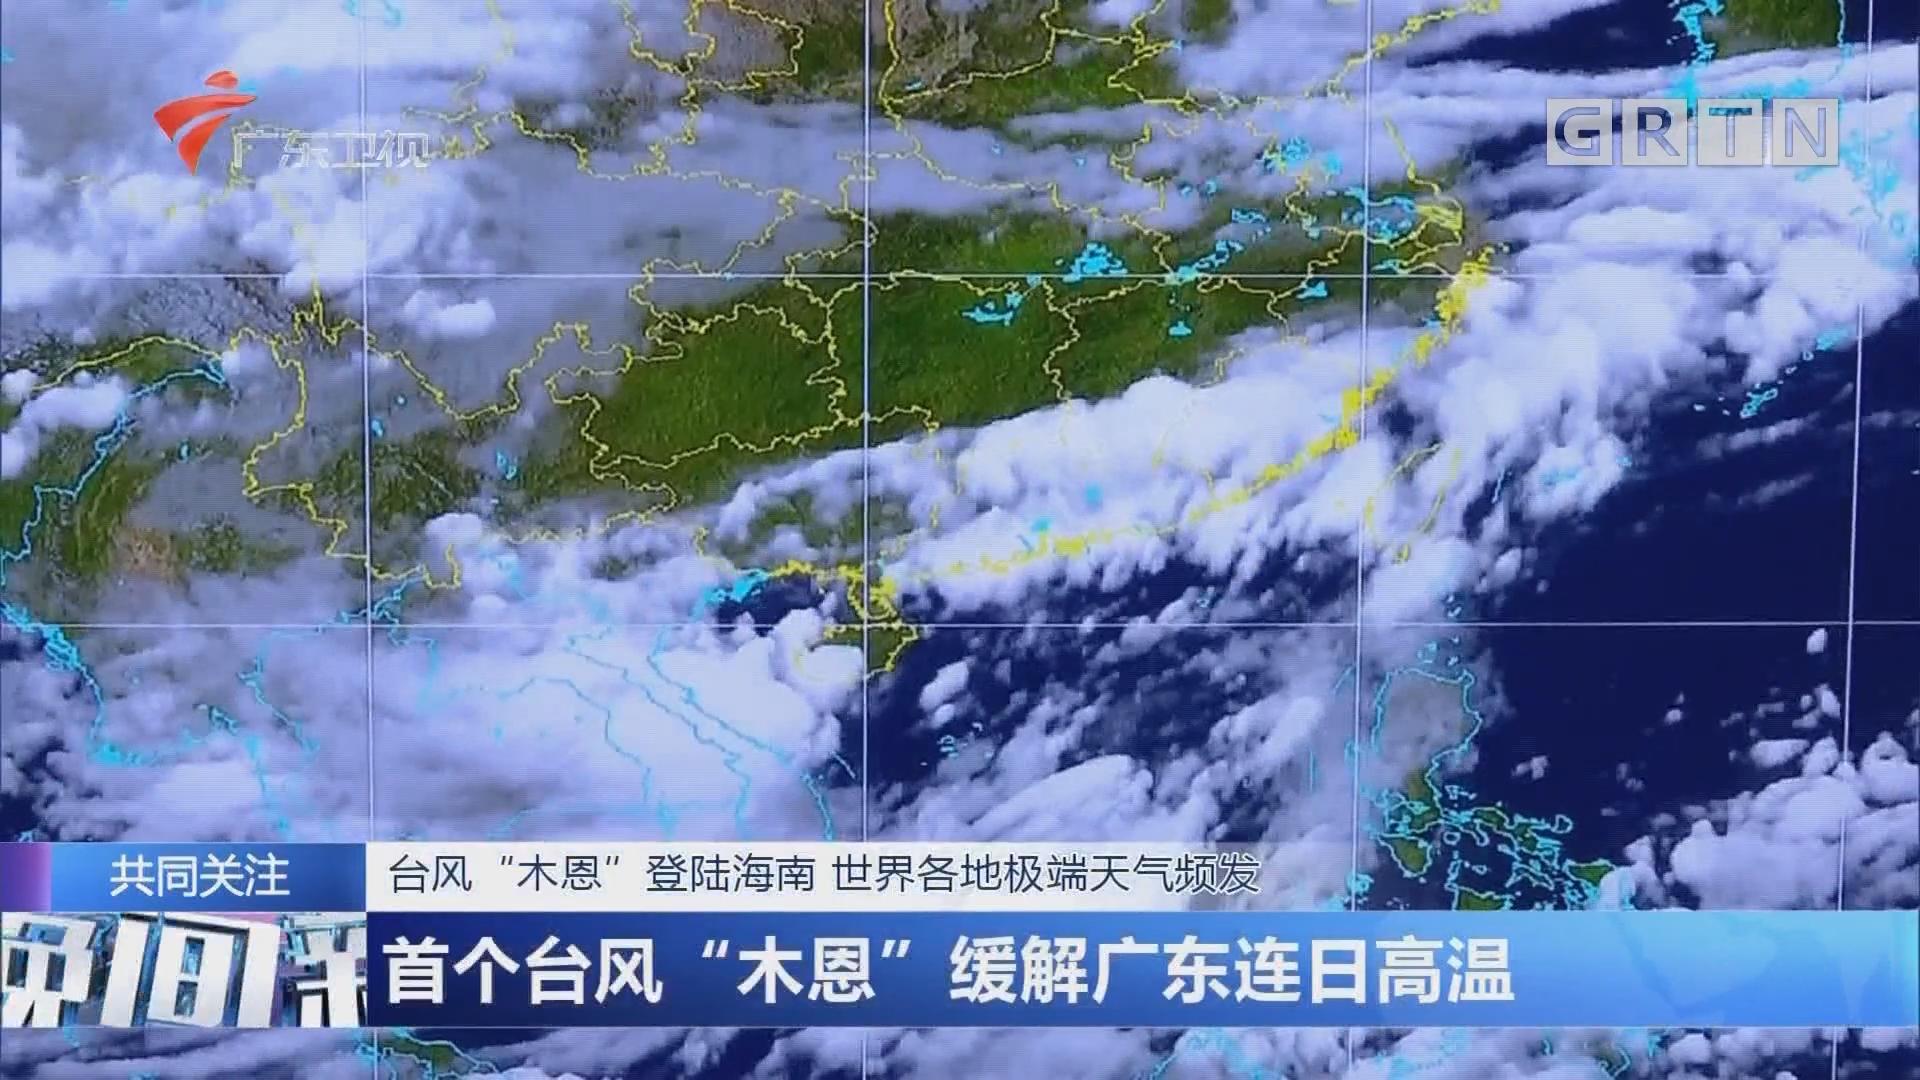 """台风""""木恩""""登陆海南 世界各地极端天气频发:首个台风""""木恩""""缓解广东连日高温"""